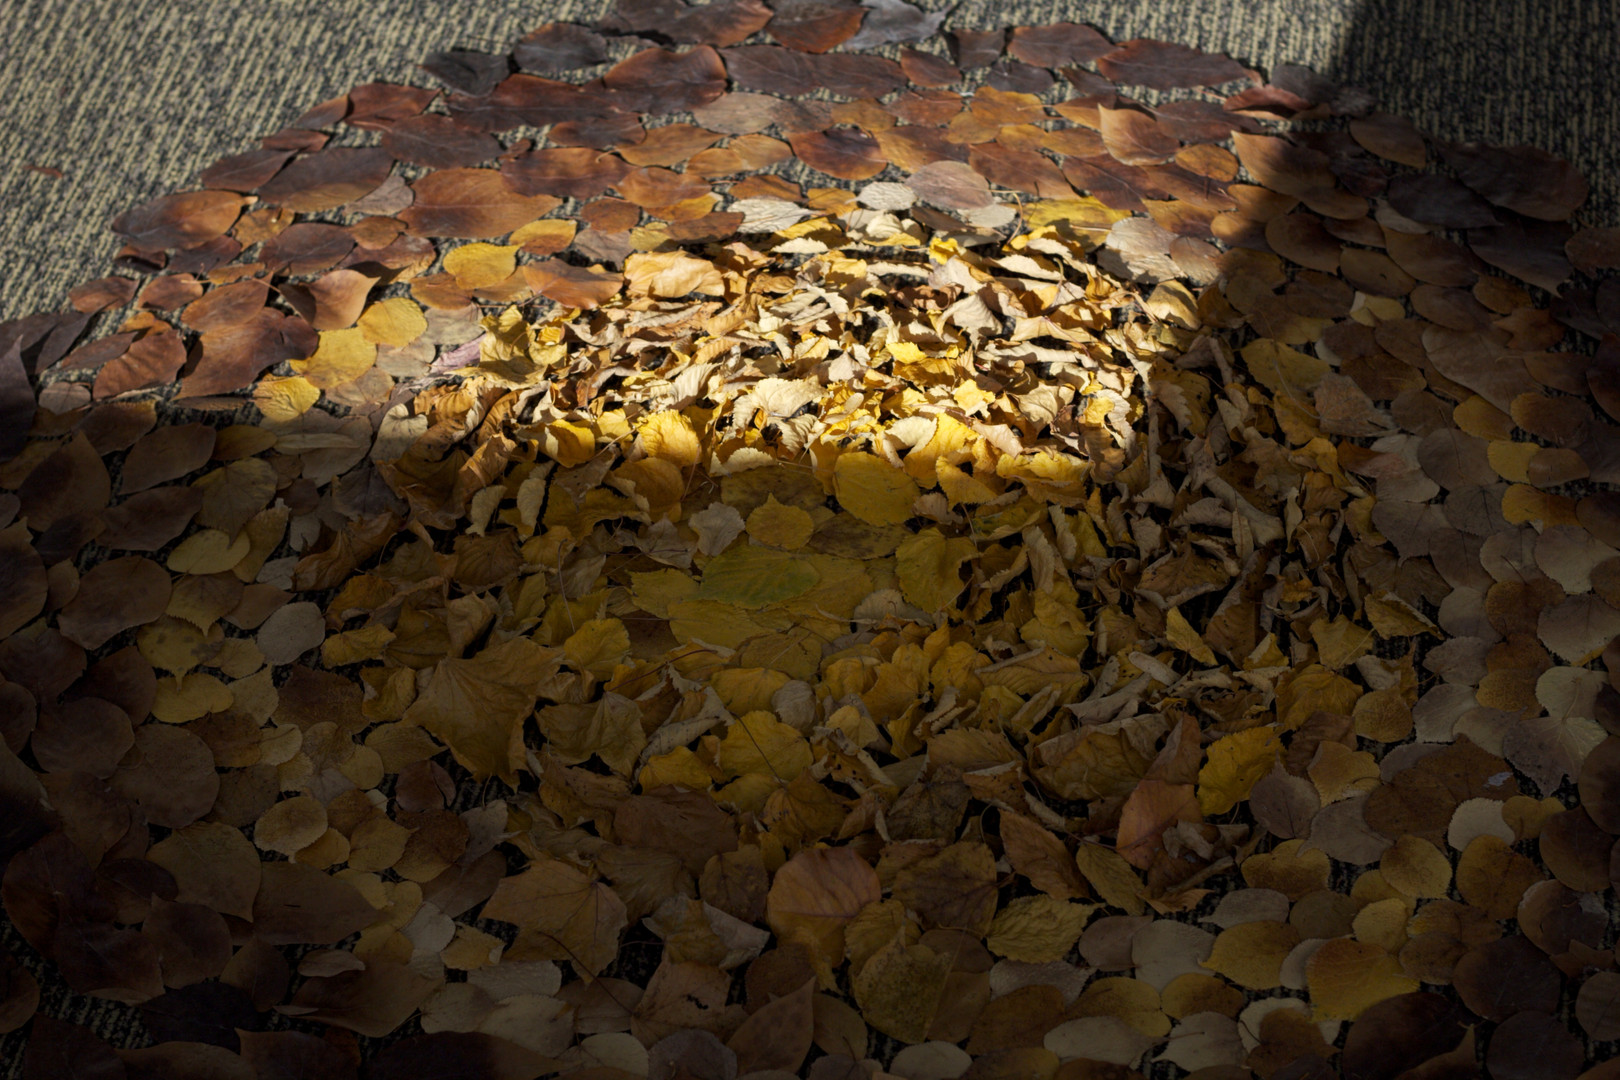 8,方小龙·装置·自然树叶·《落叶归根》7·尺幅可变.jpg